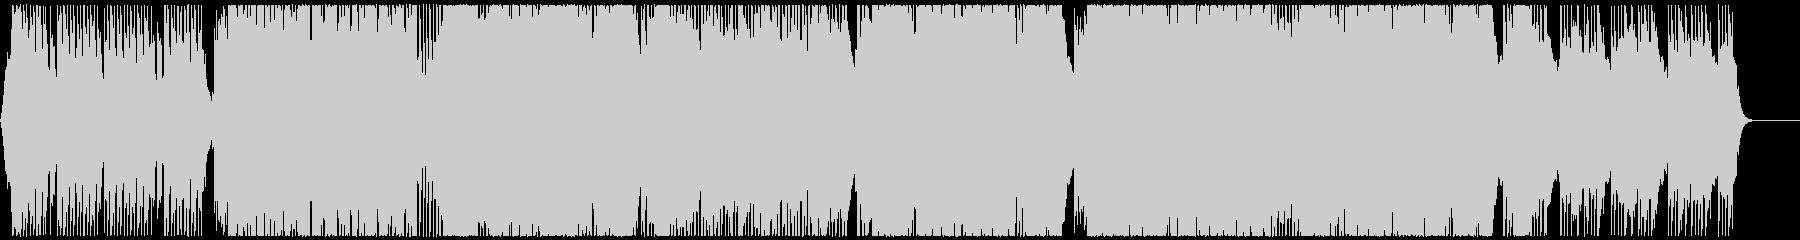 軽快なシンセの華やかなハウス CM・映像の未再生の波形